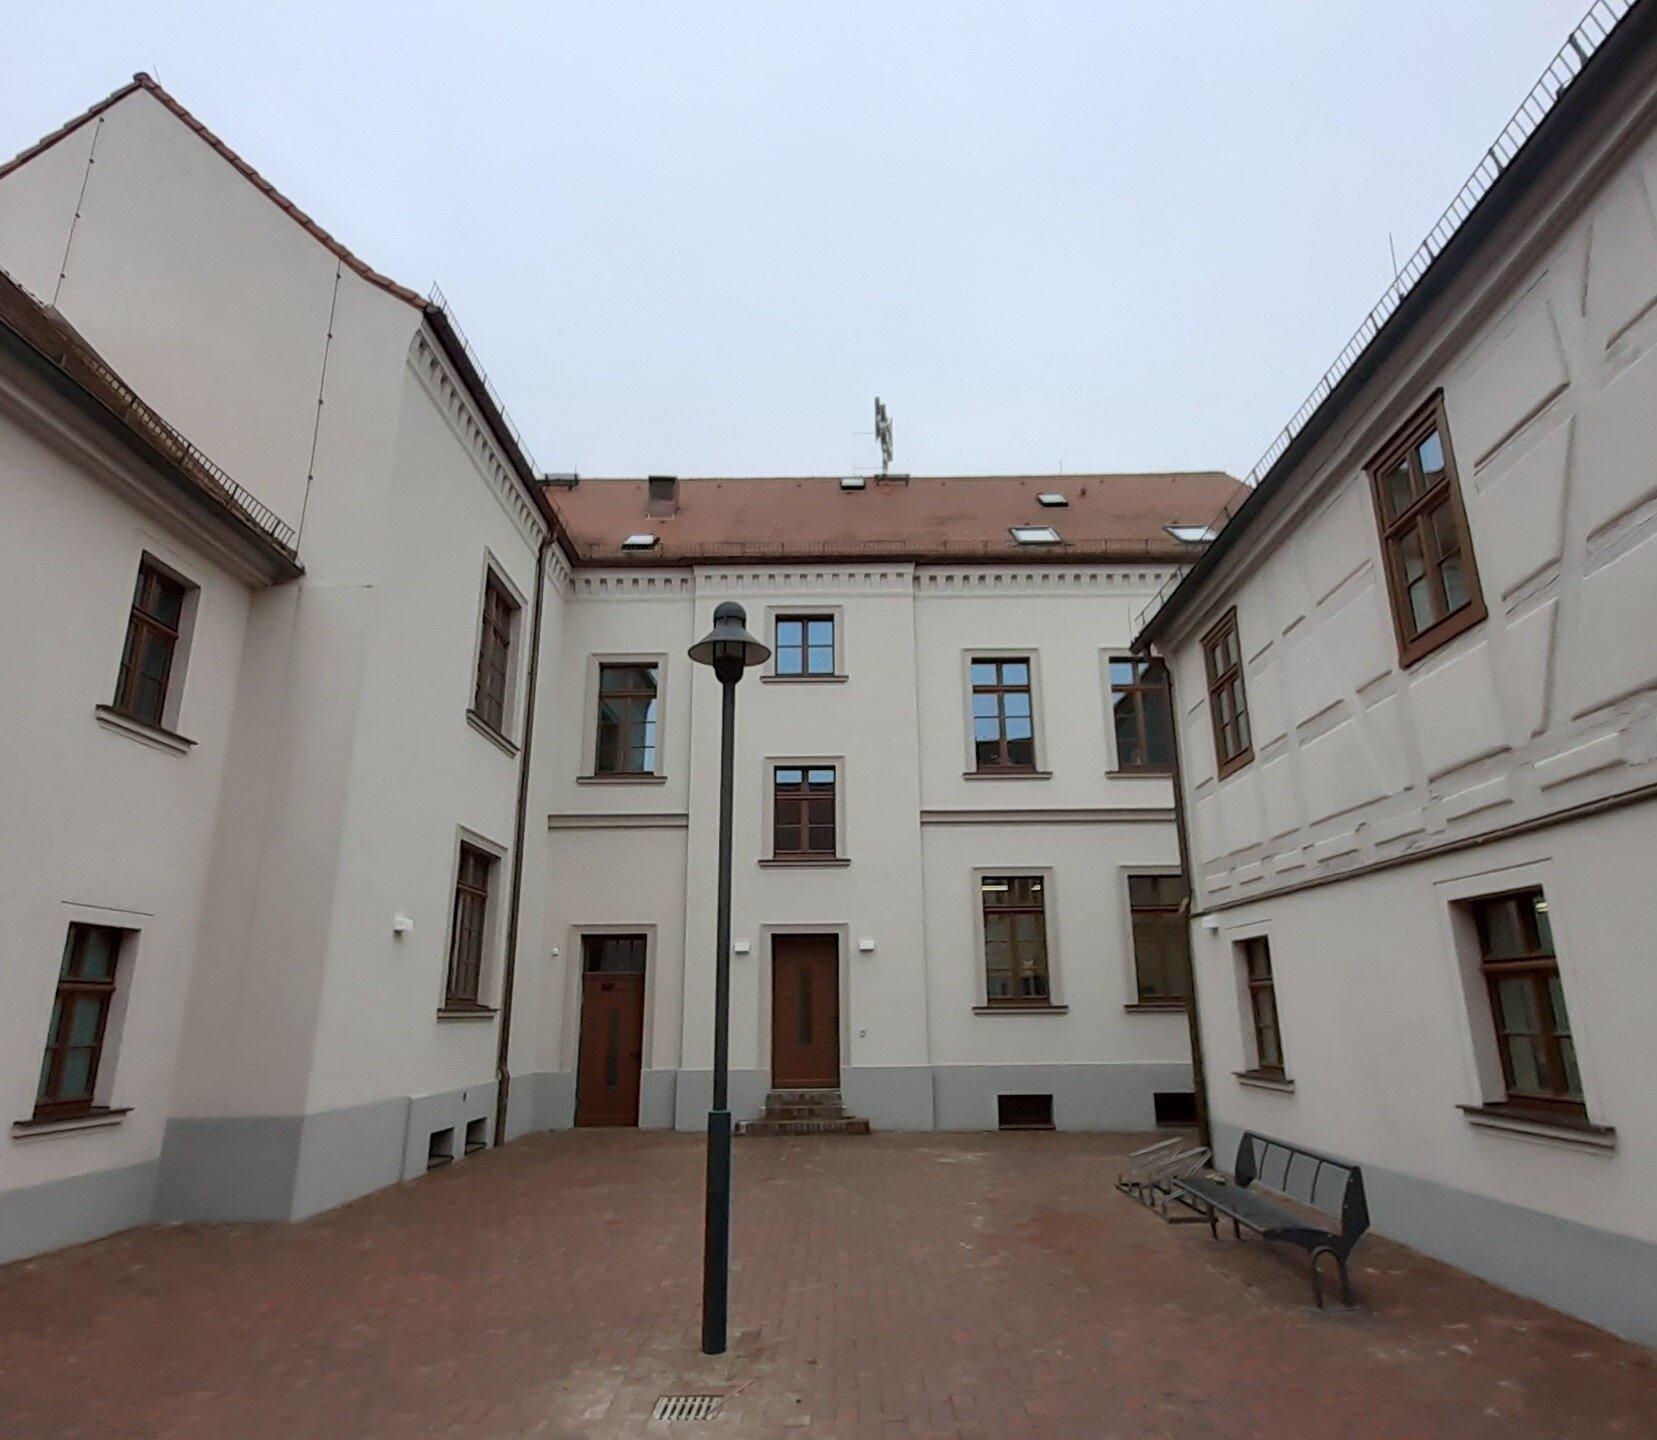 Hof heute Foto: Gemeinde Wusterhausen/Dosse